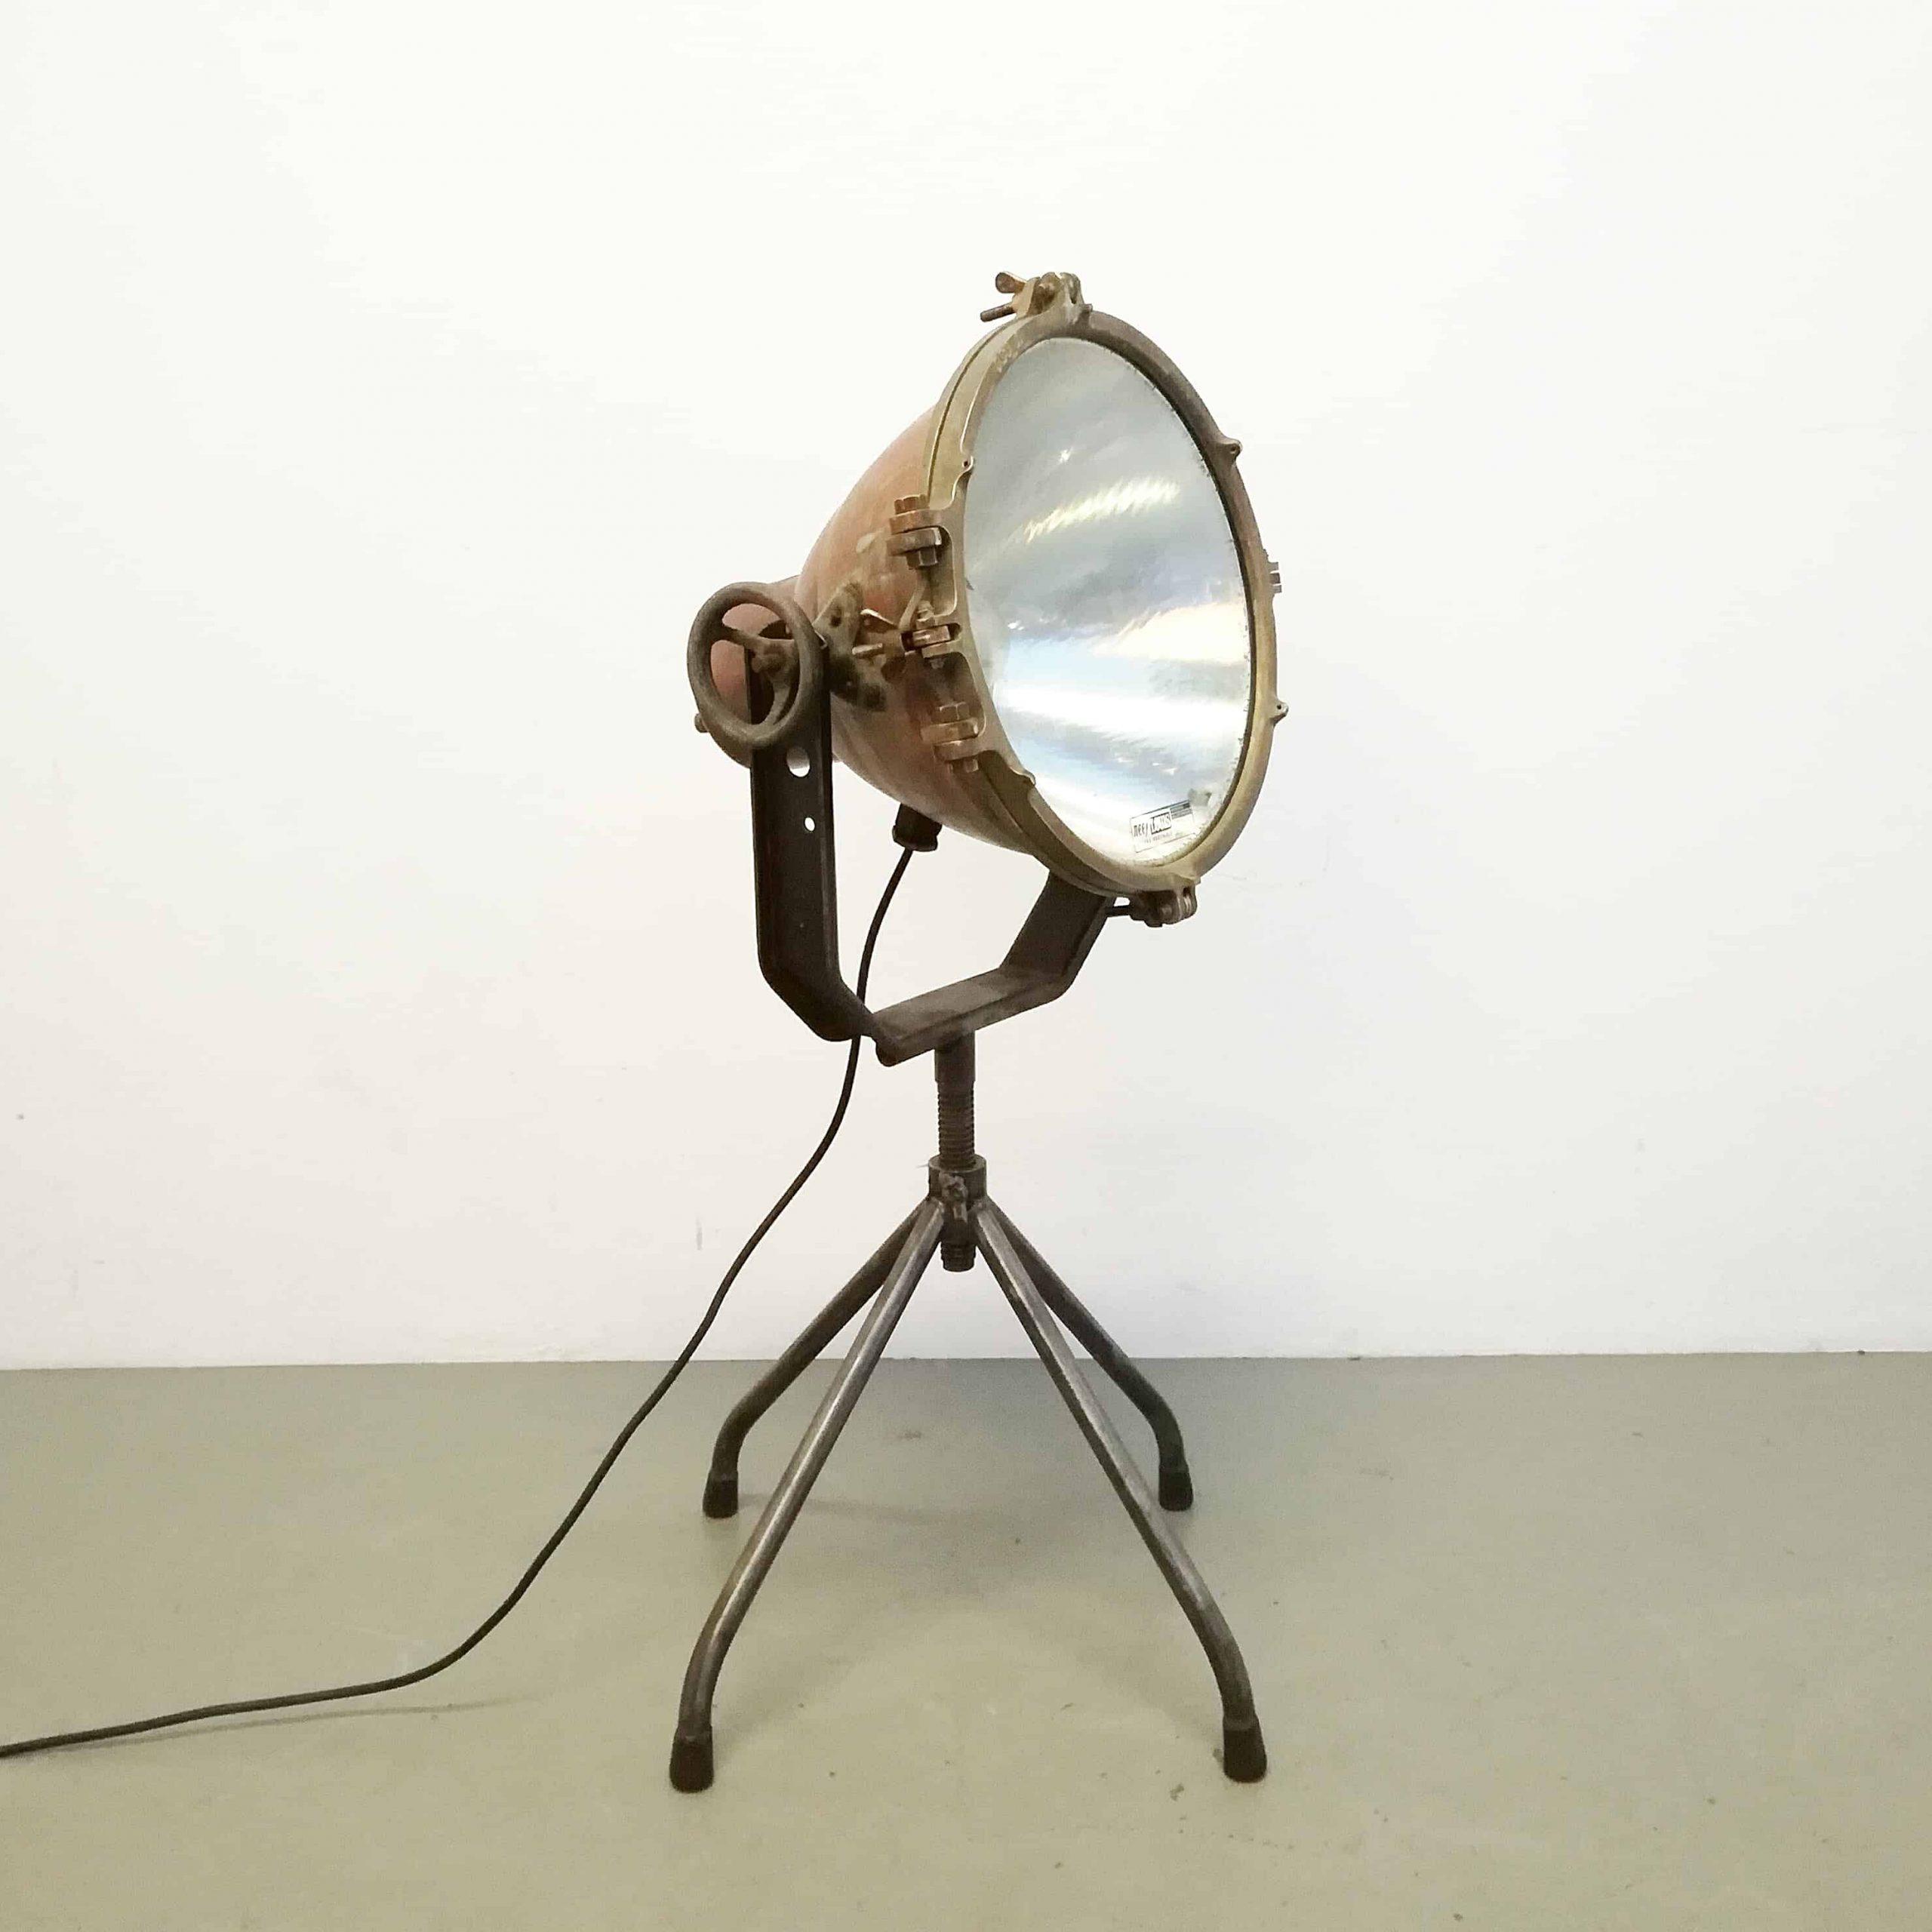 lampe-stehend-stehlampe-industriell-industriell-verstellbar-selbstgemachtes-eigenes-design-glashaube-stahlrahmen-kupfer-klein